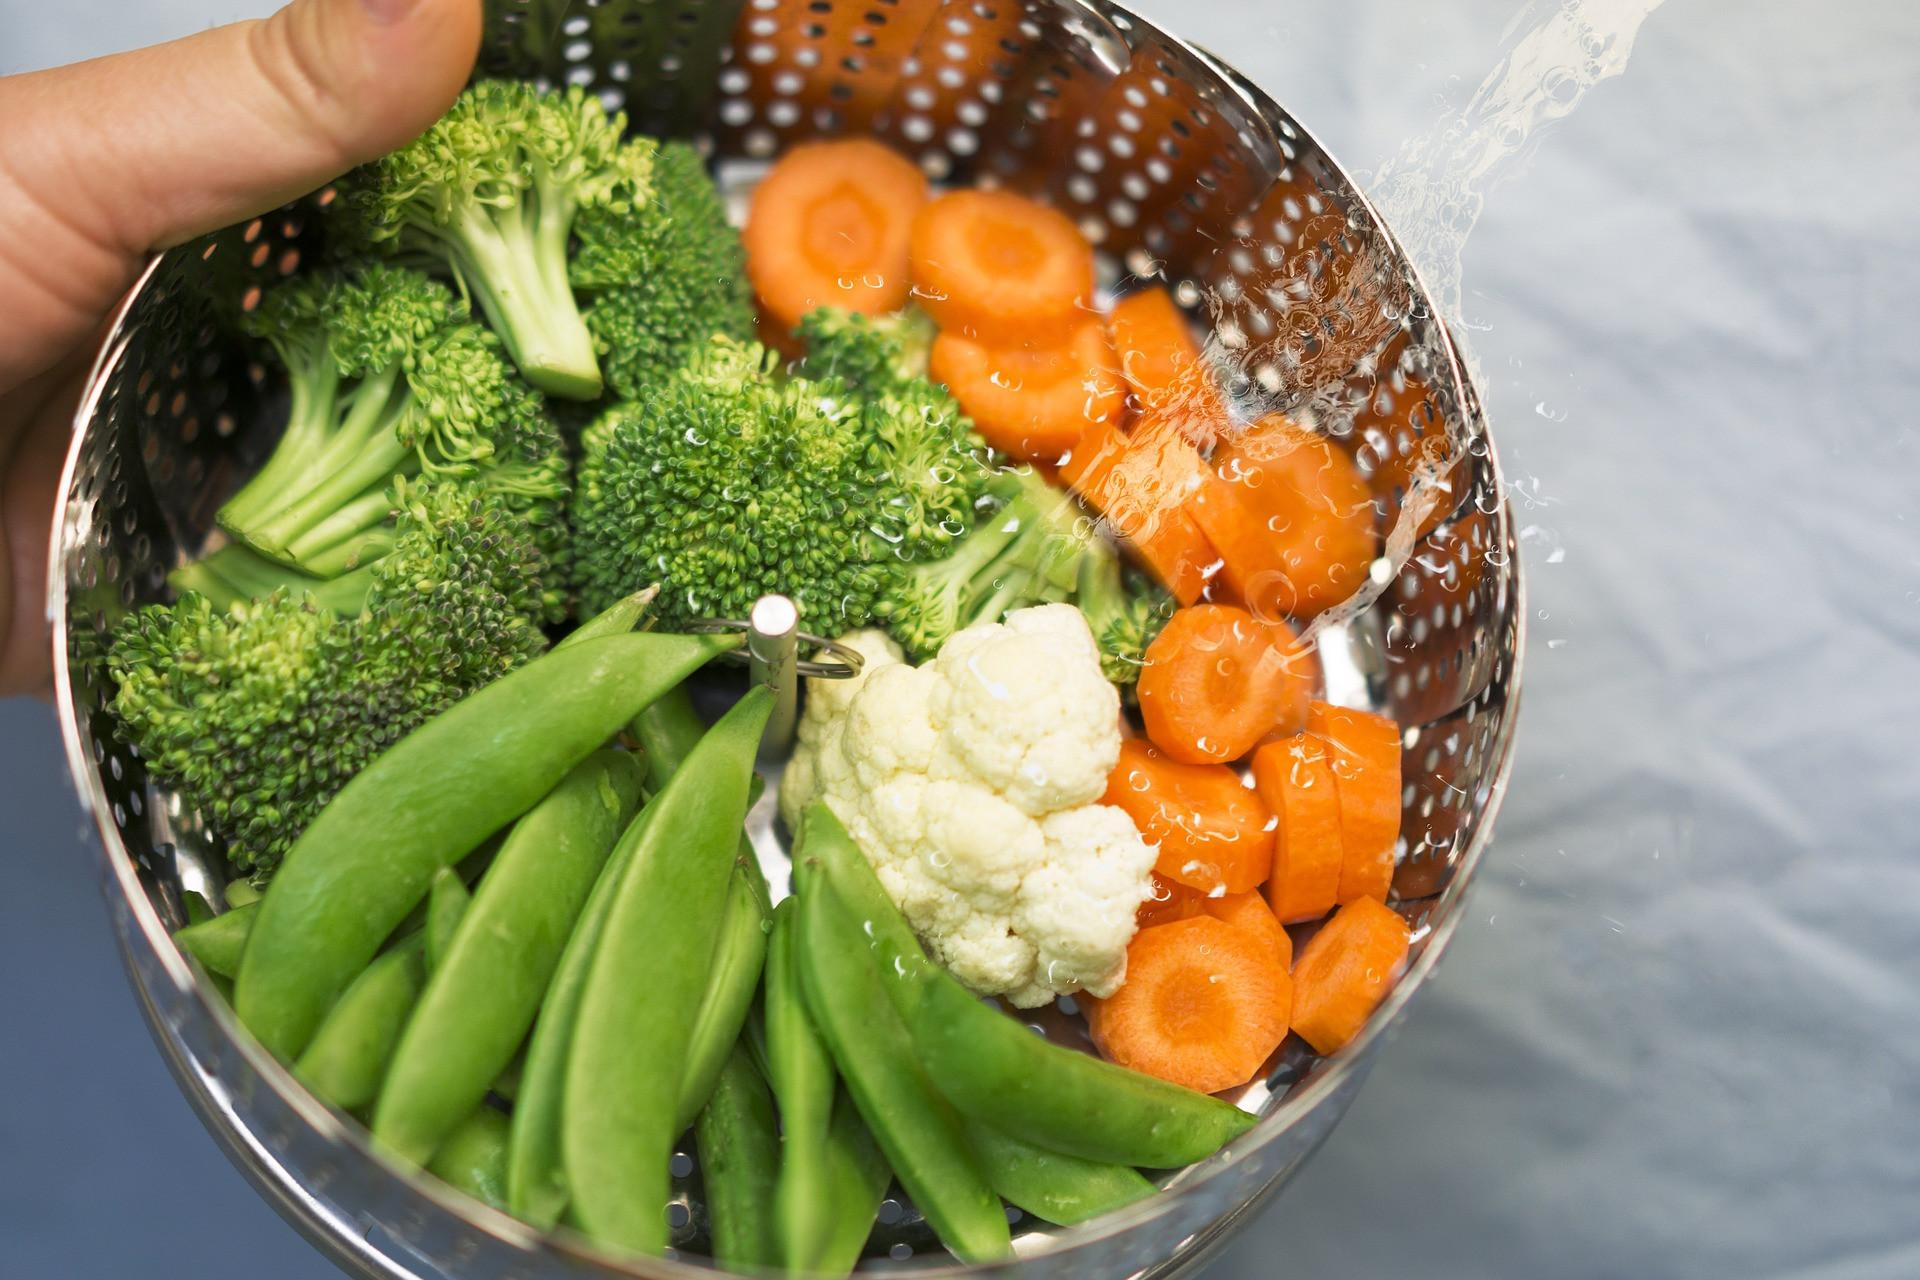 Gyakran készítsük ételeinket párolással, amelyhez legfeljebb fél evőkanál növényi étolajat használjunk fel adagonként